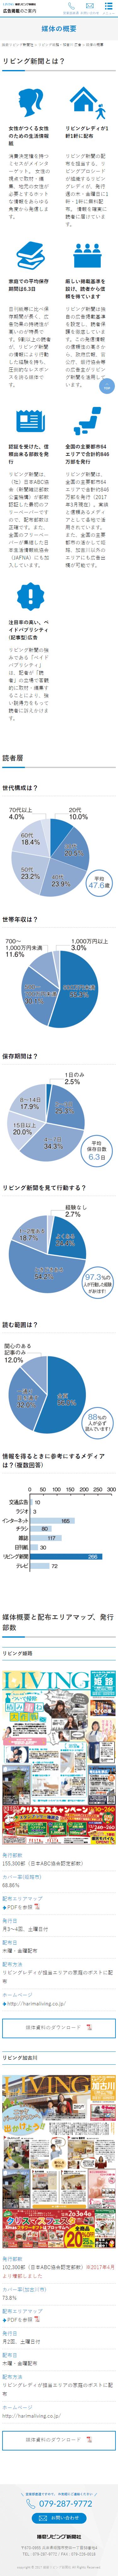 播磨リビング新聞社様 広告掲載案内ページ2